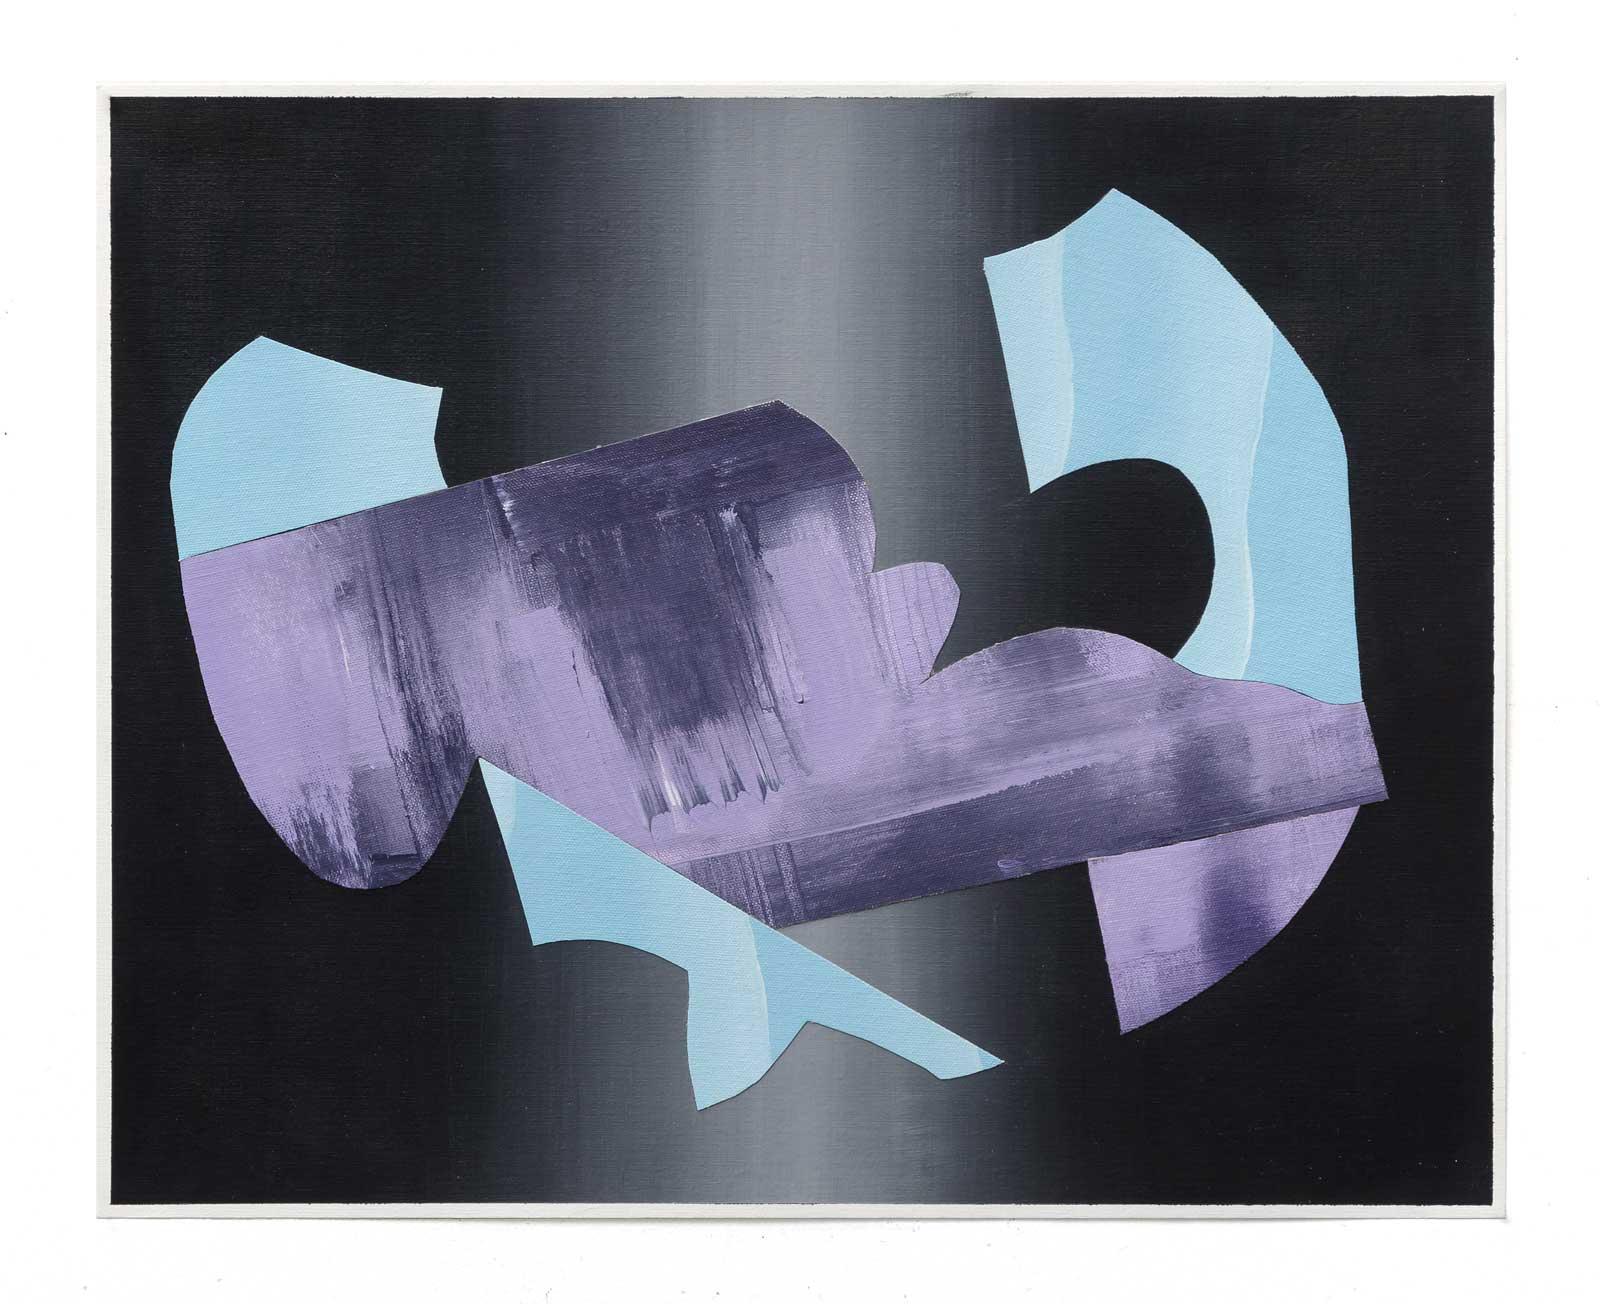 Objets-Obscurs-4-collage-paper-45.72 cm x 60.96 cm.